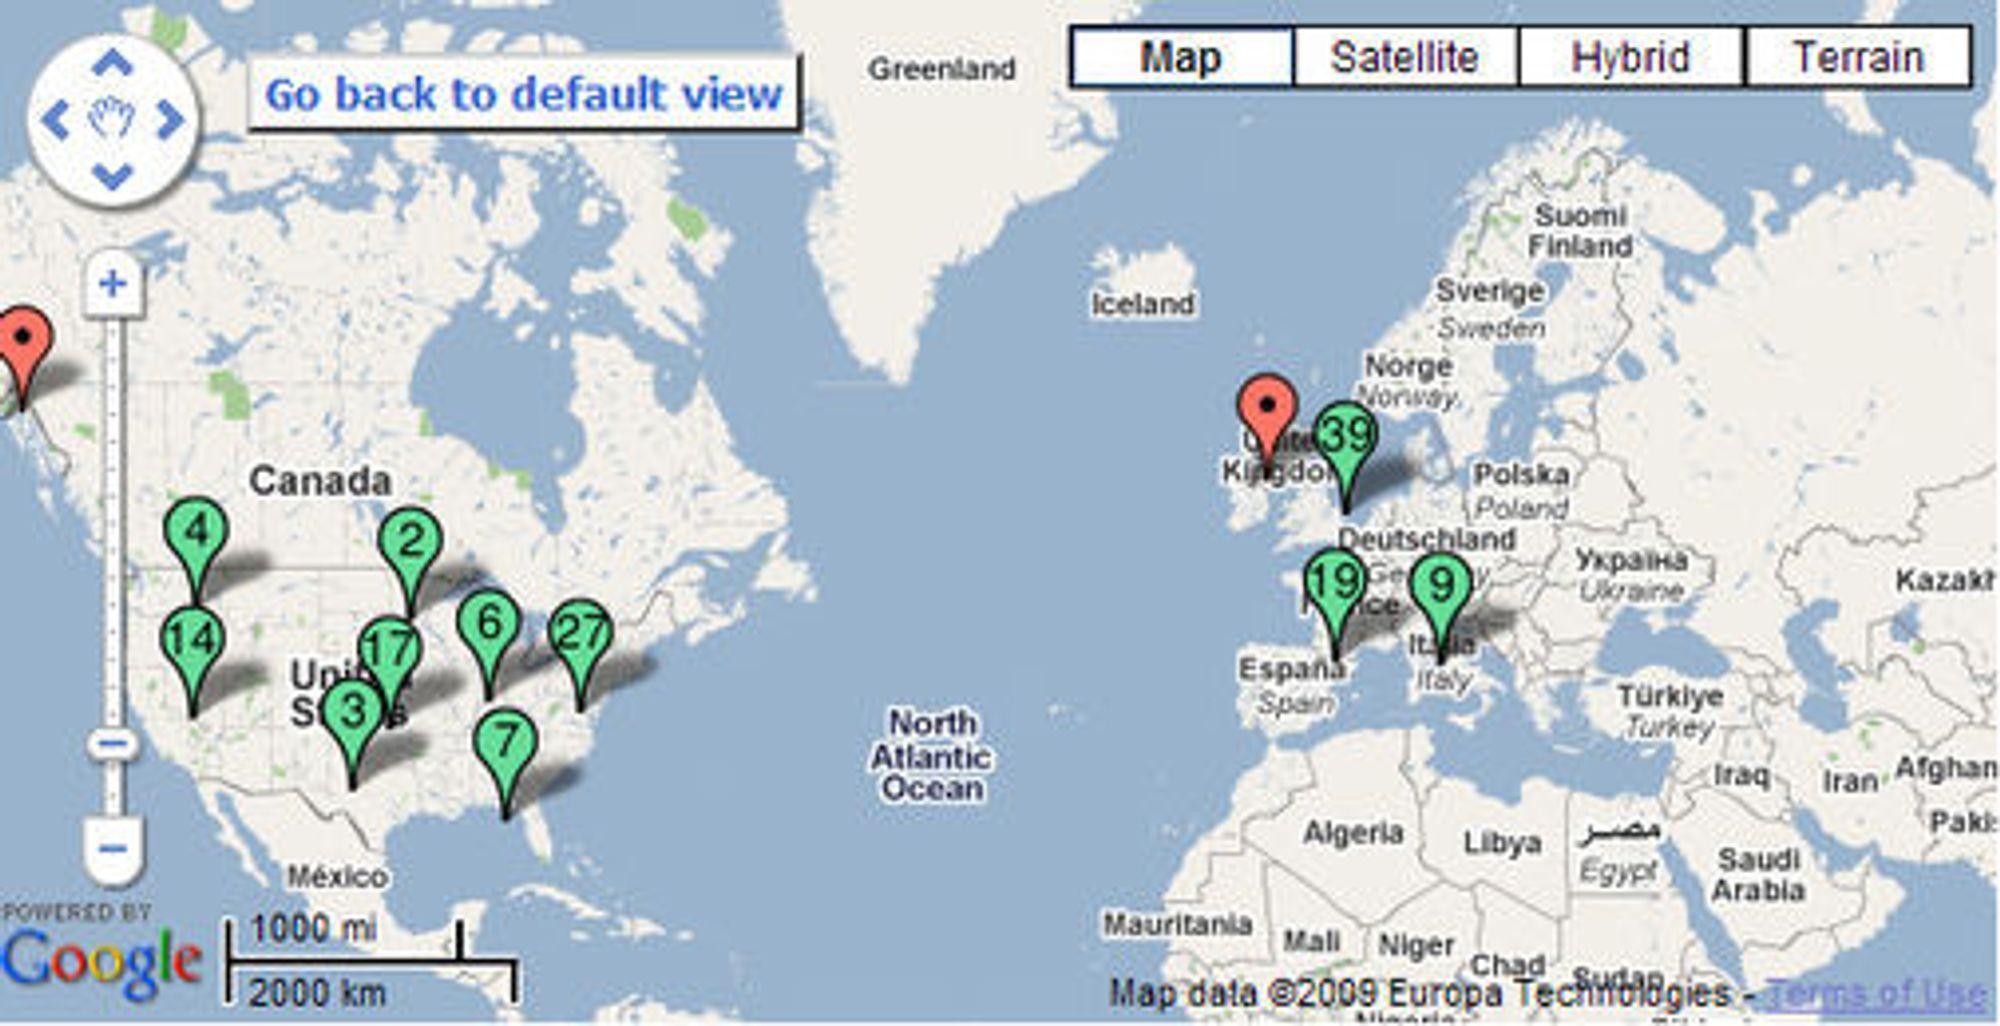 Karter viser hvor i verden Street View er tilgjengelig.